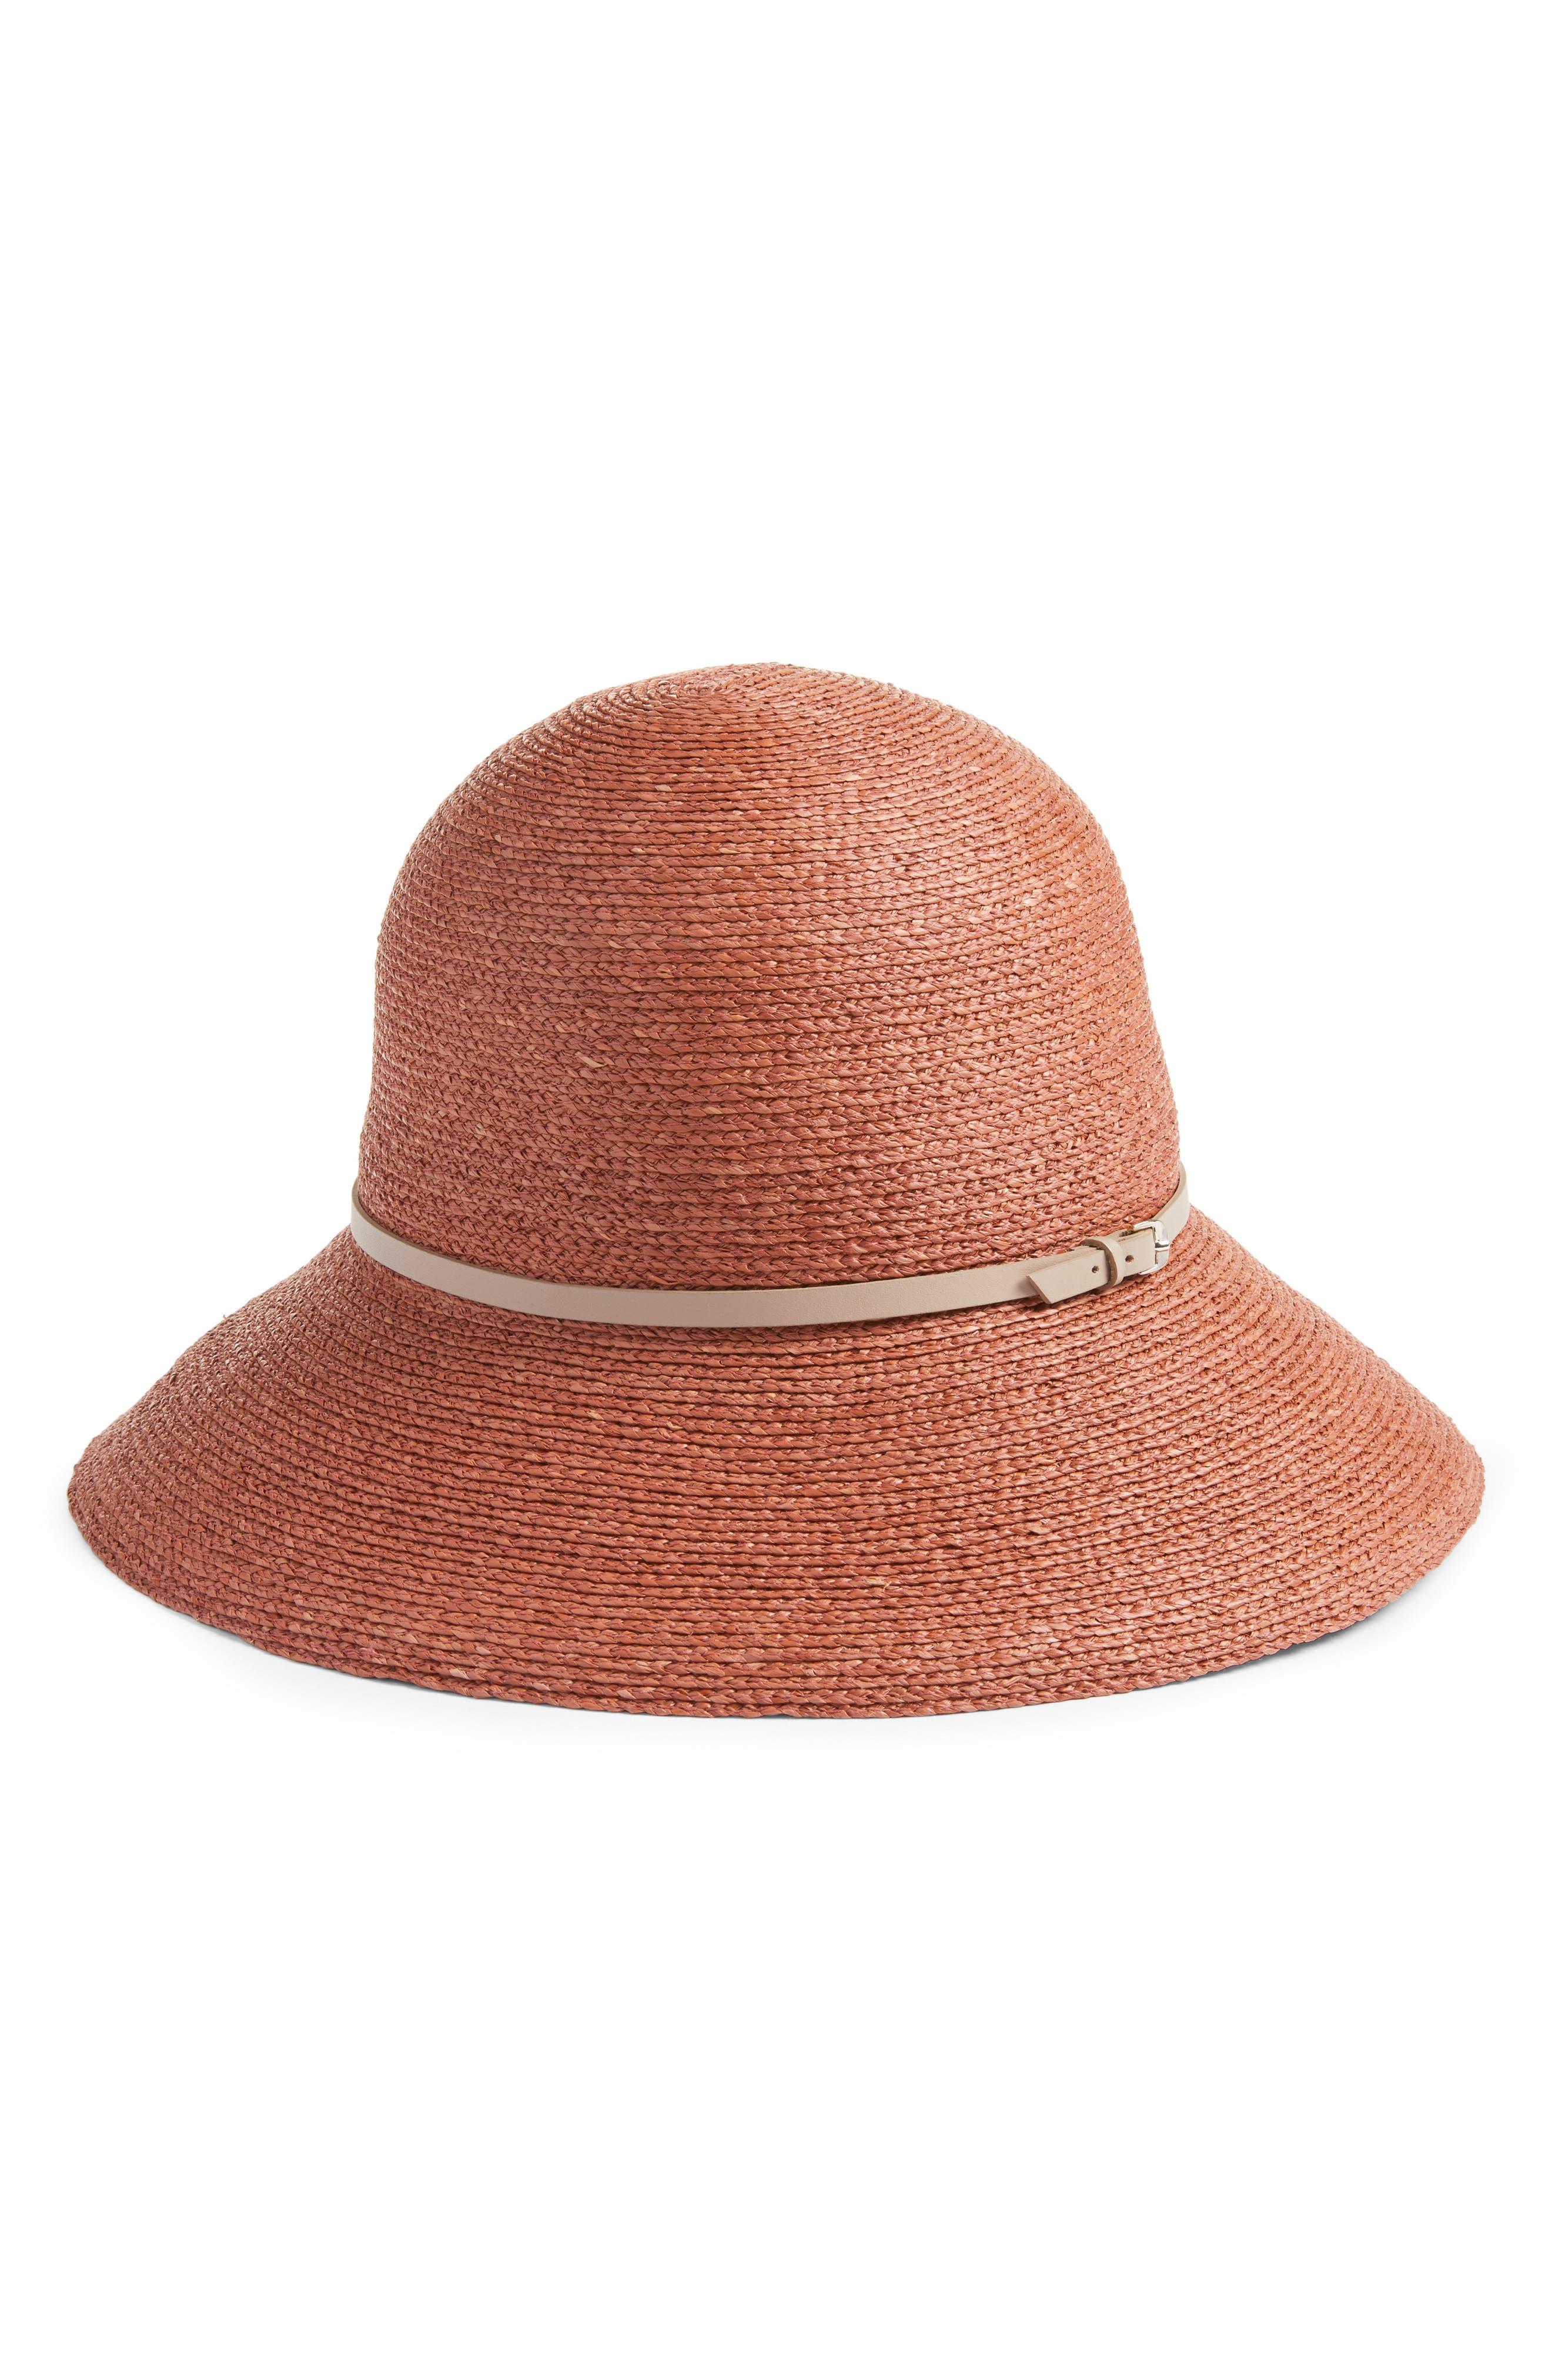 Packable Raffia Cloche Hat,                             Main thumbnail 2, color,